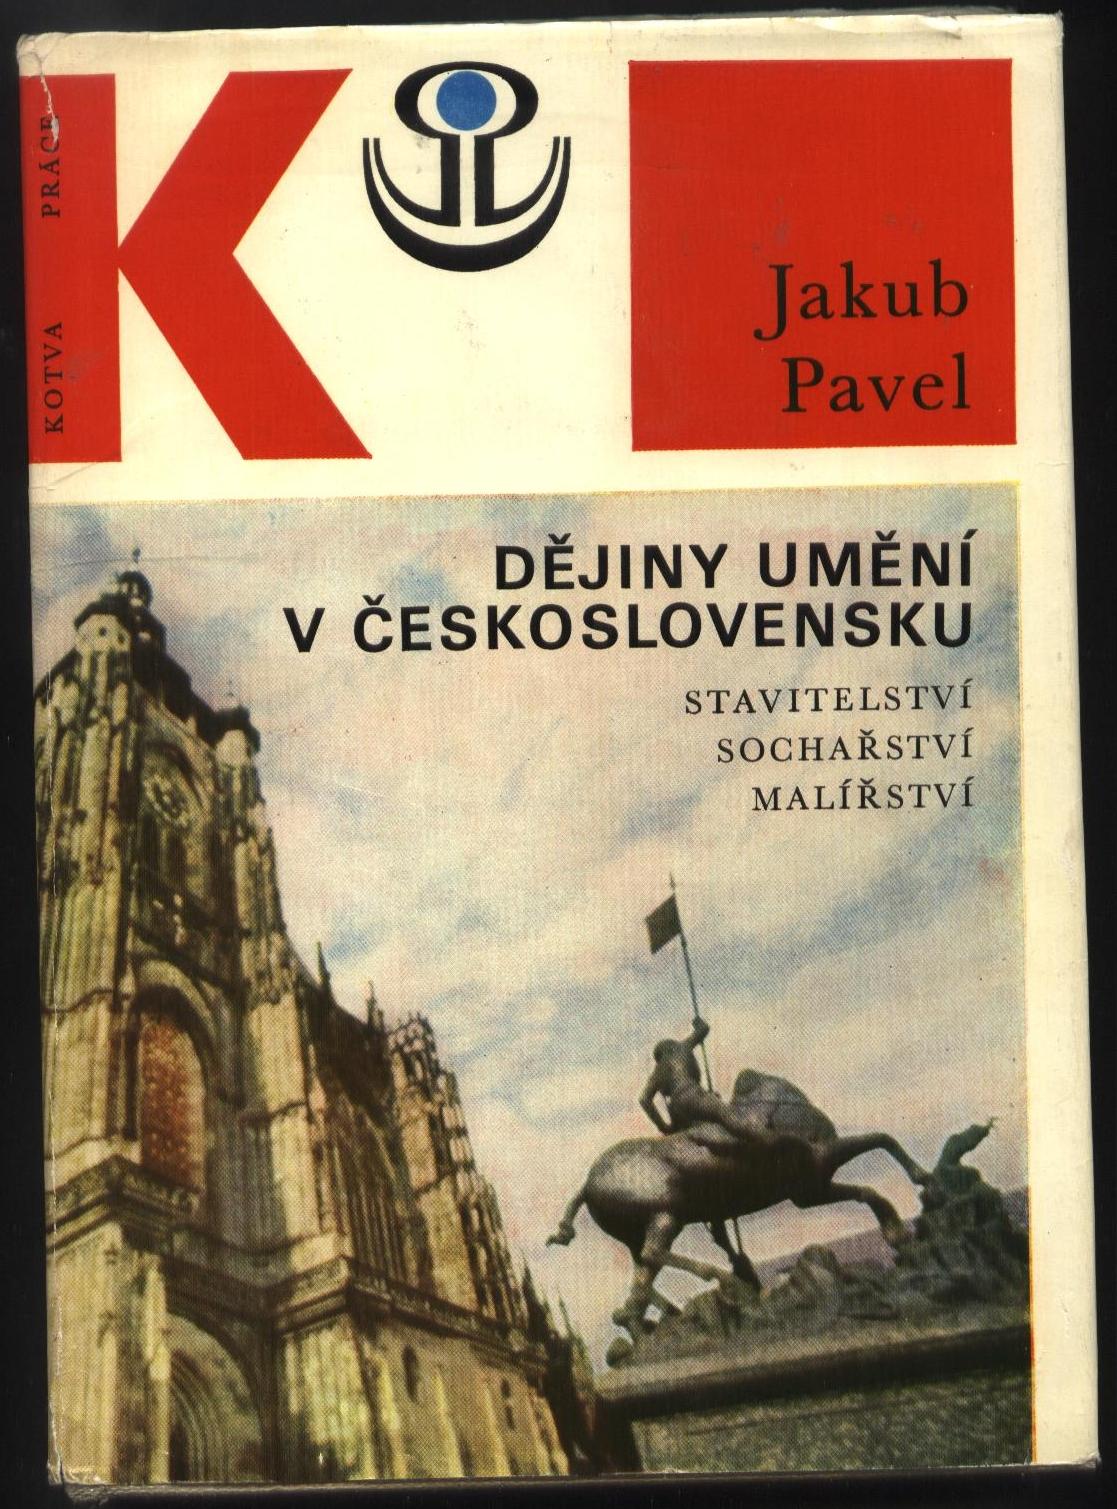 Dějiny umění v Československu - Jakub Pavel